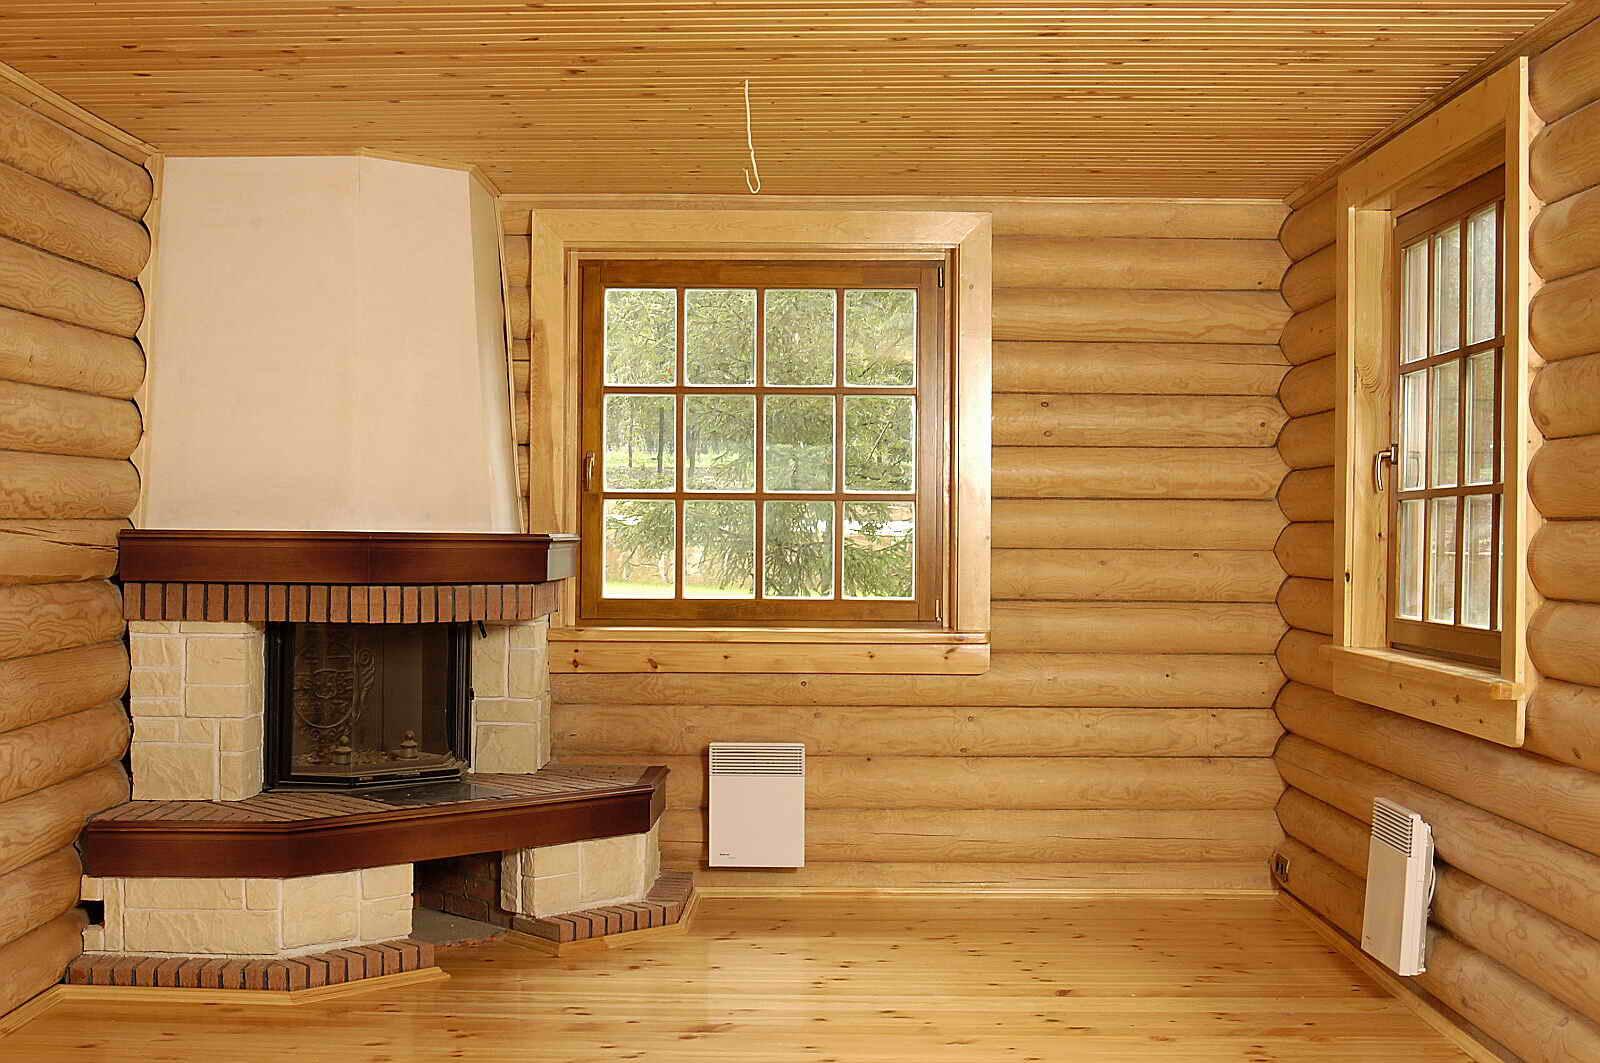 Ремонт своими руками в деревянном доме фото